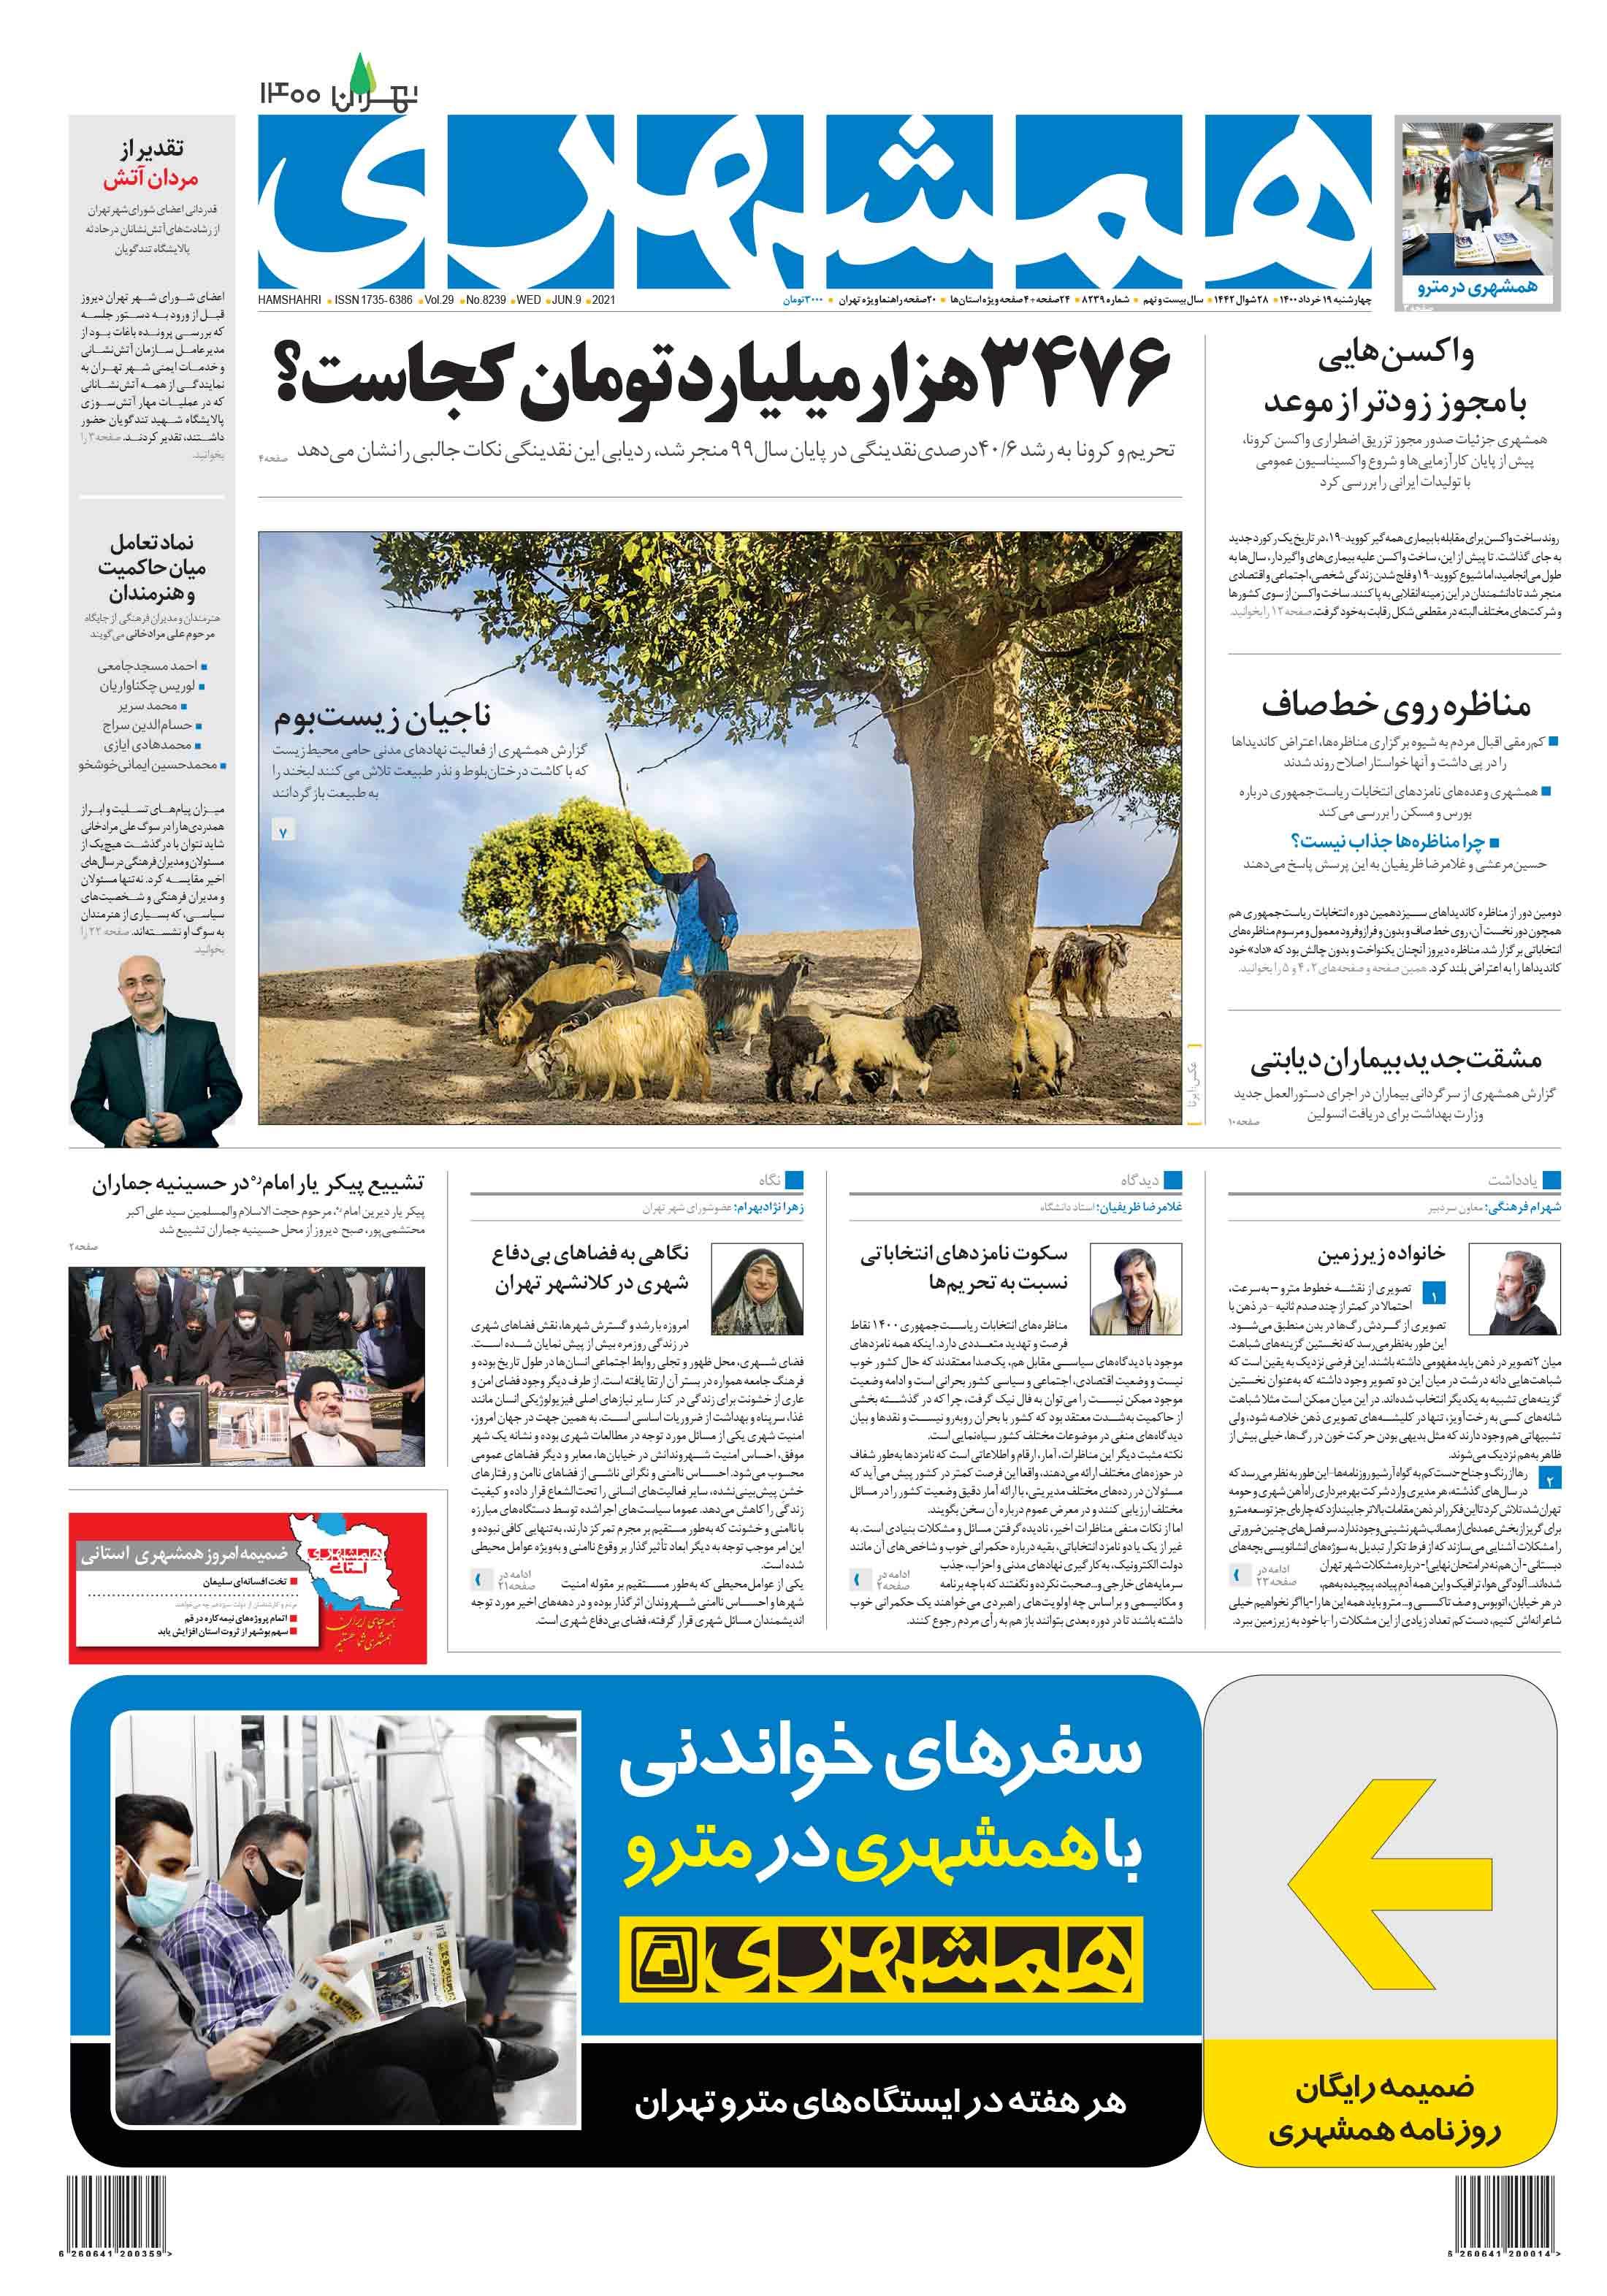 صفحه اول چهارشنبه 19 خرداد 1400